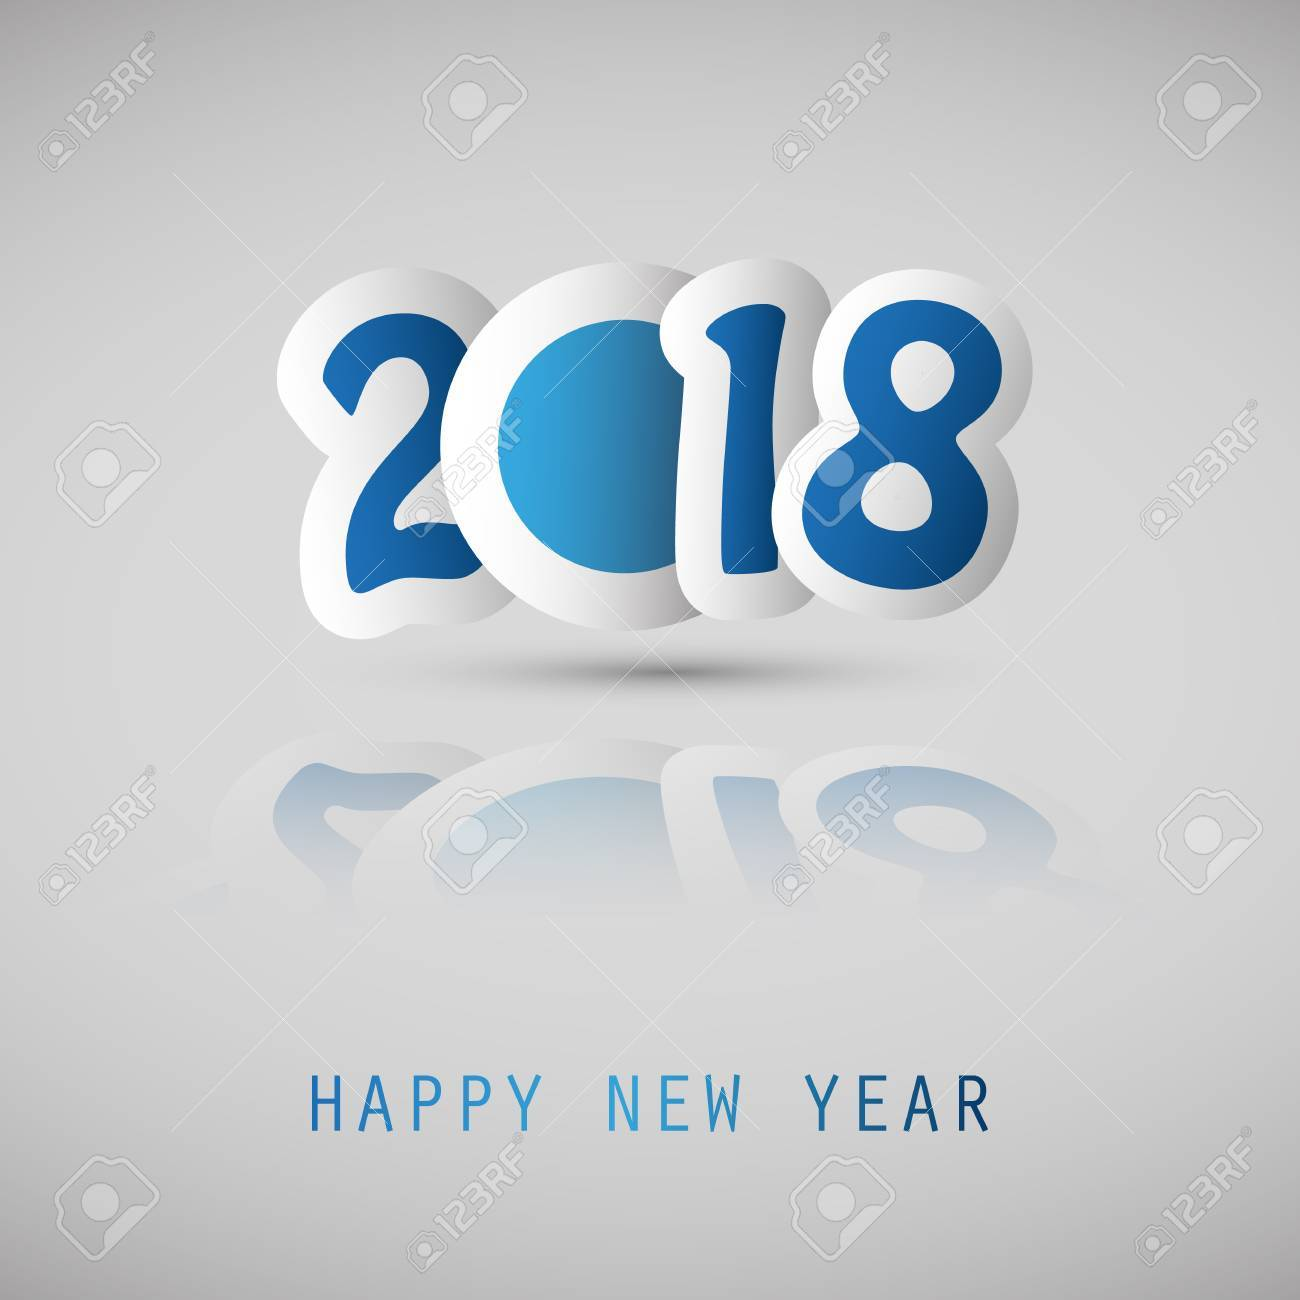 Foto de archivo - Tarjeta de la cubierta de la Feliz Año Nuevo azul y  blanco simple 2018 en un fondo gris. 6c9360abaab7b